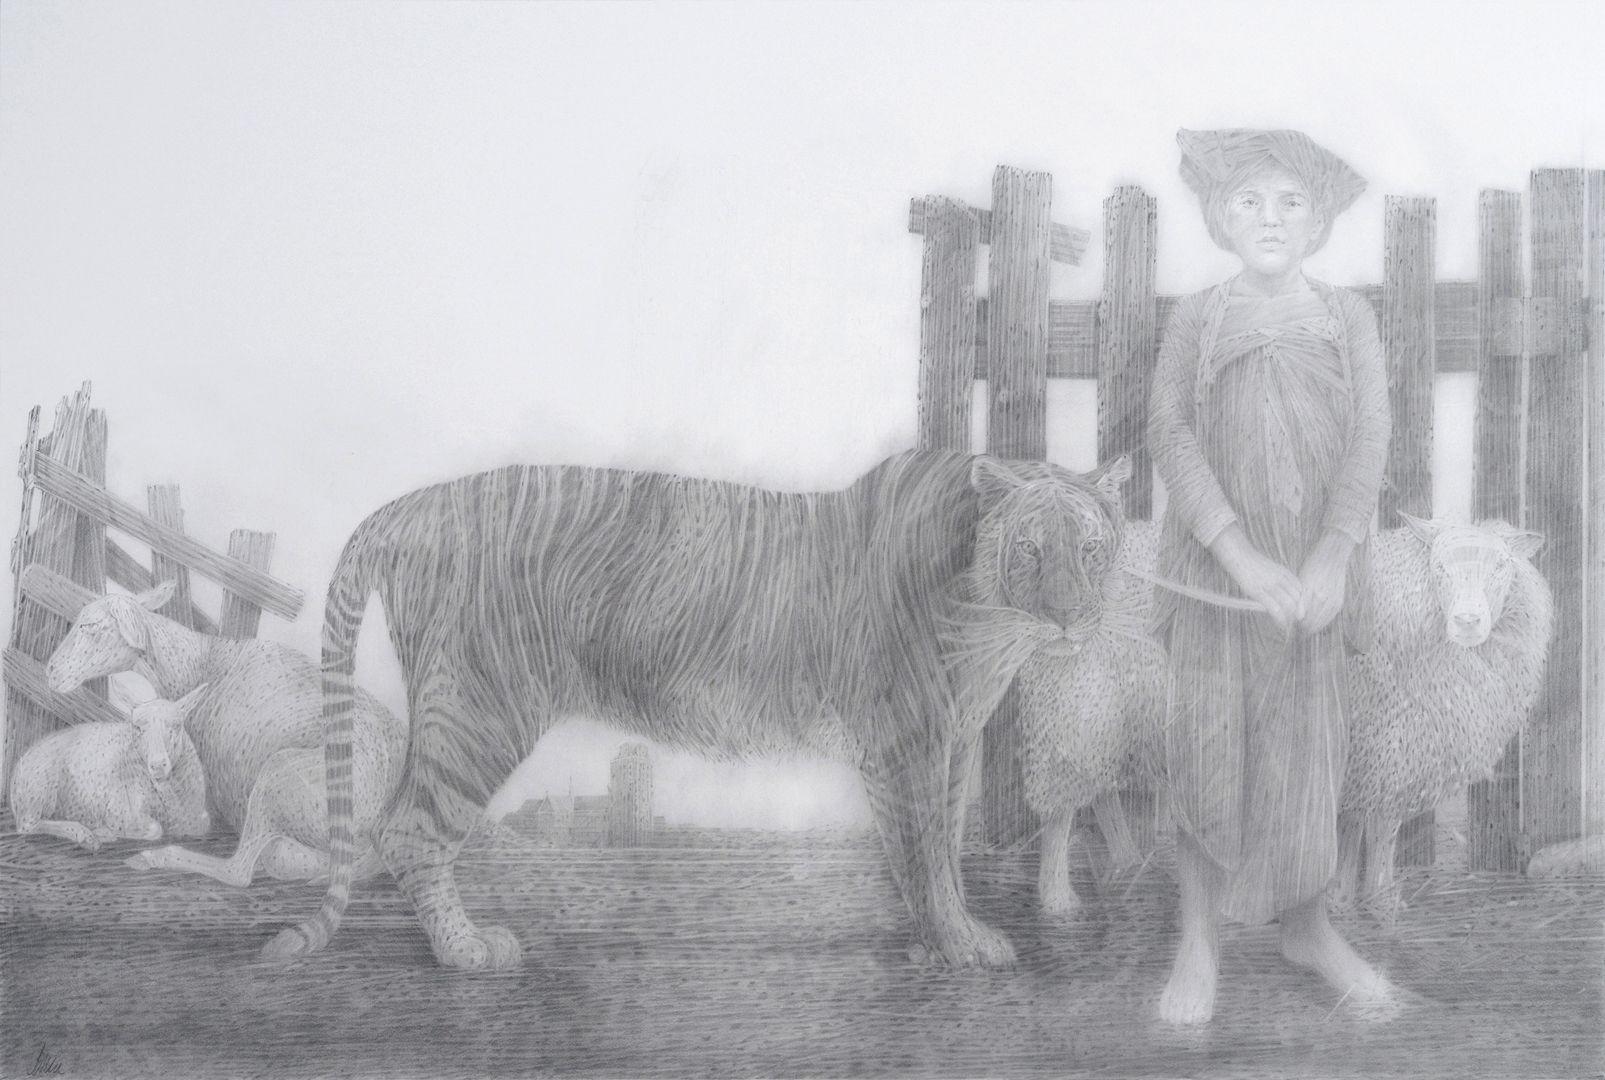 6. Goede morgen mijnheer Lebret, 2014, 93 x 136 cm, potlood Jaap Schlee